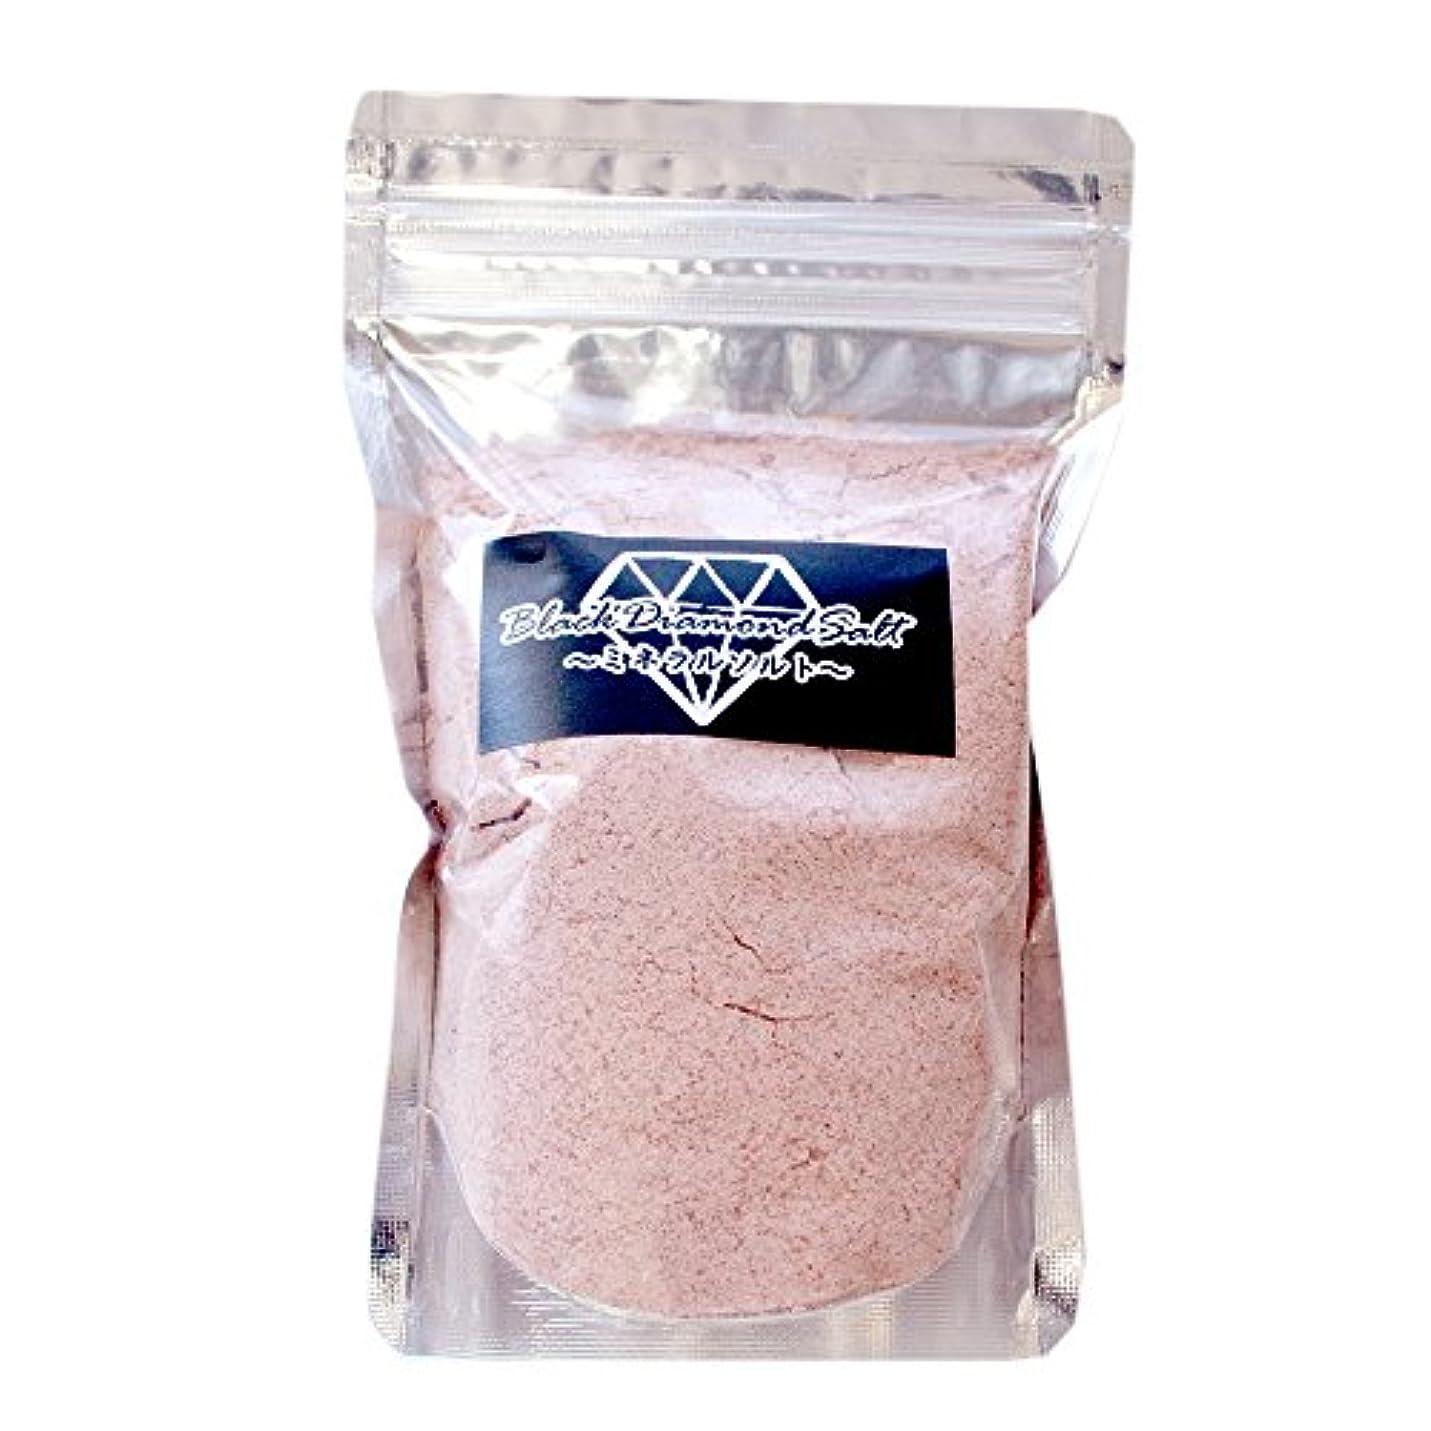 キネマティクス広告分解する岩塩風呂 ブラックダイヤソルト岩塩400g(約13回分)